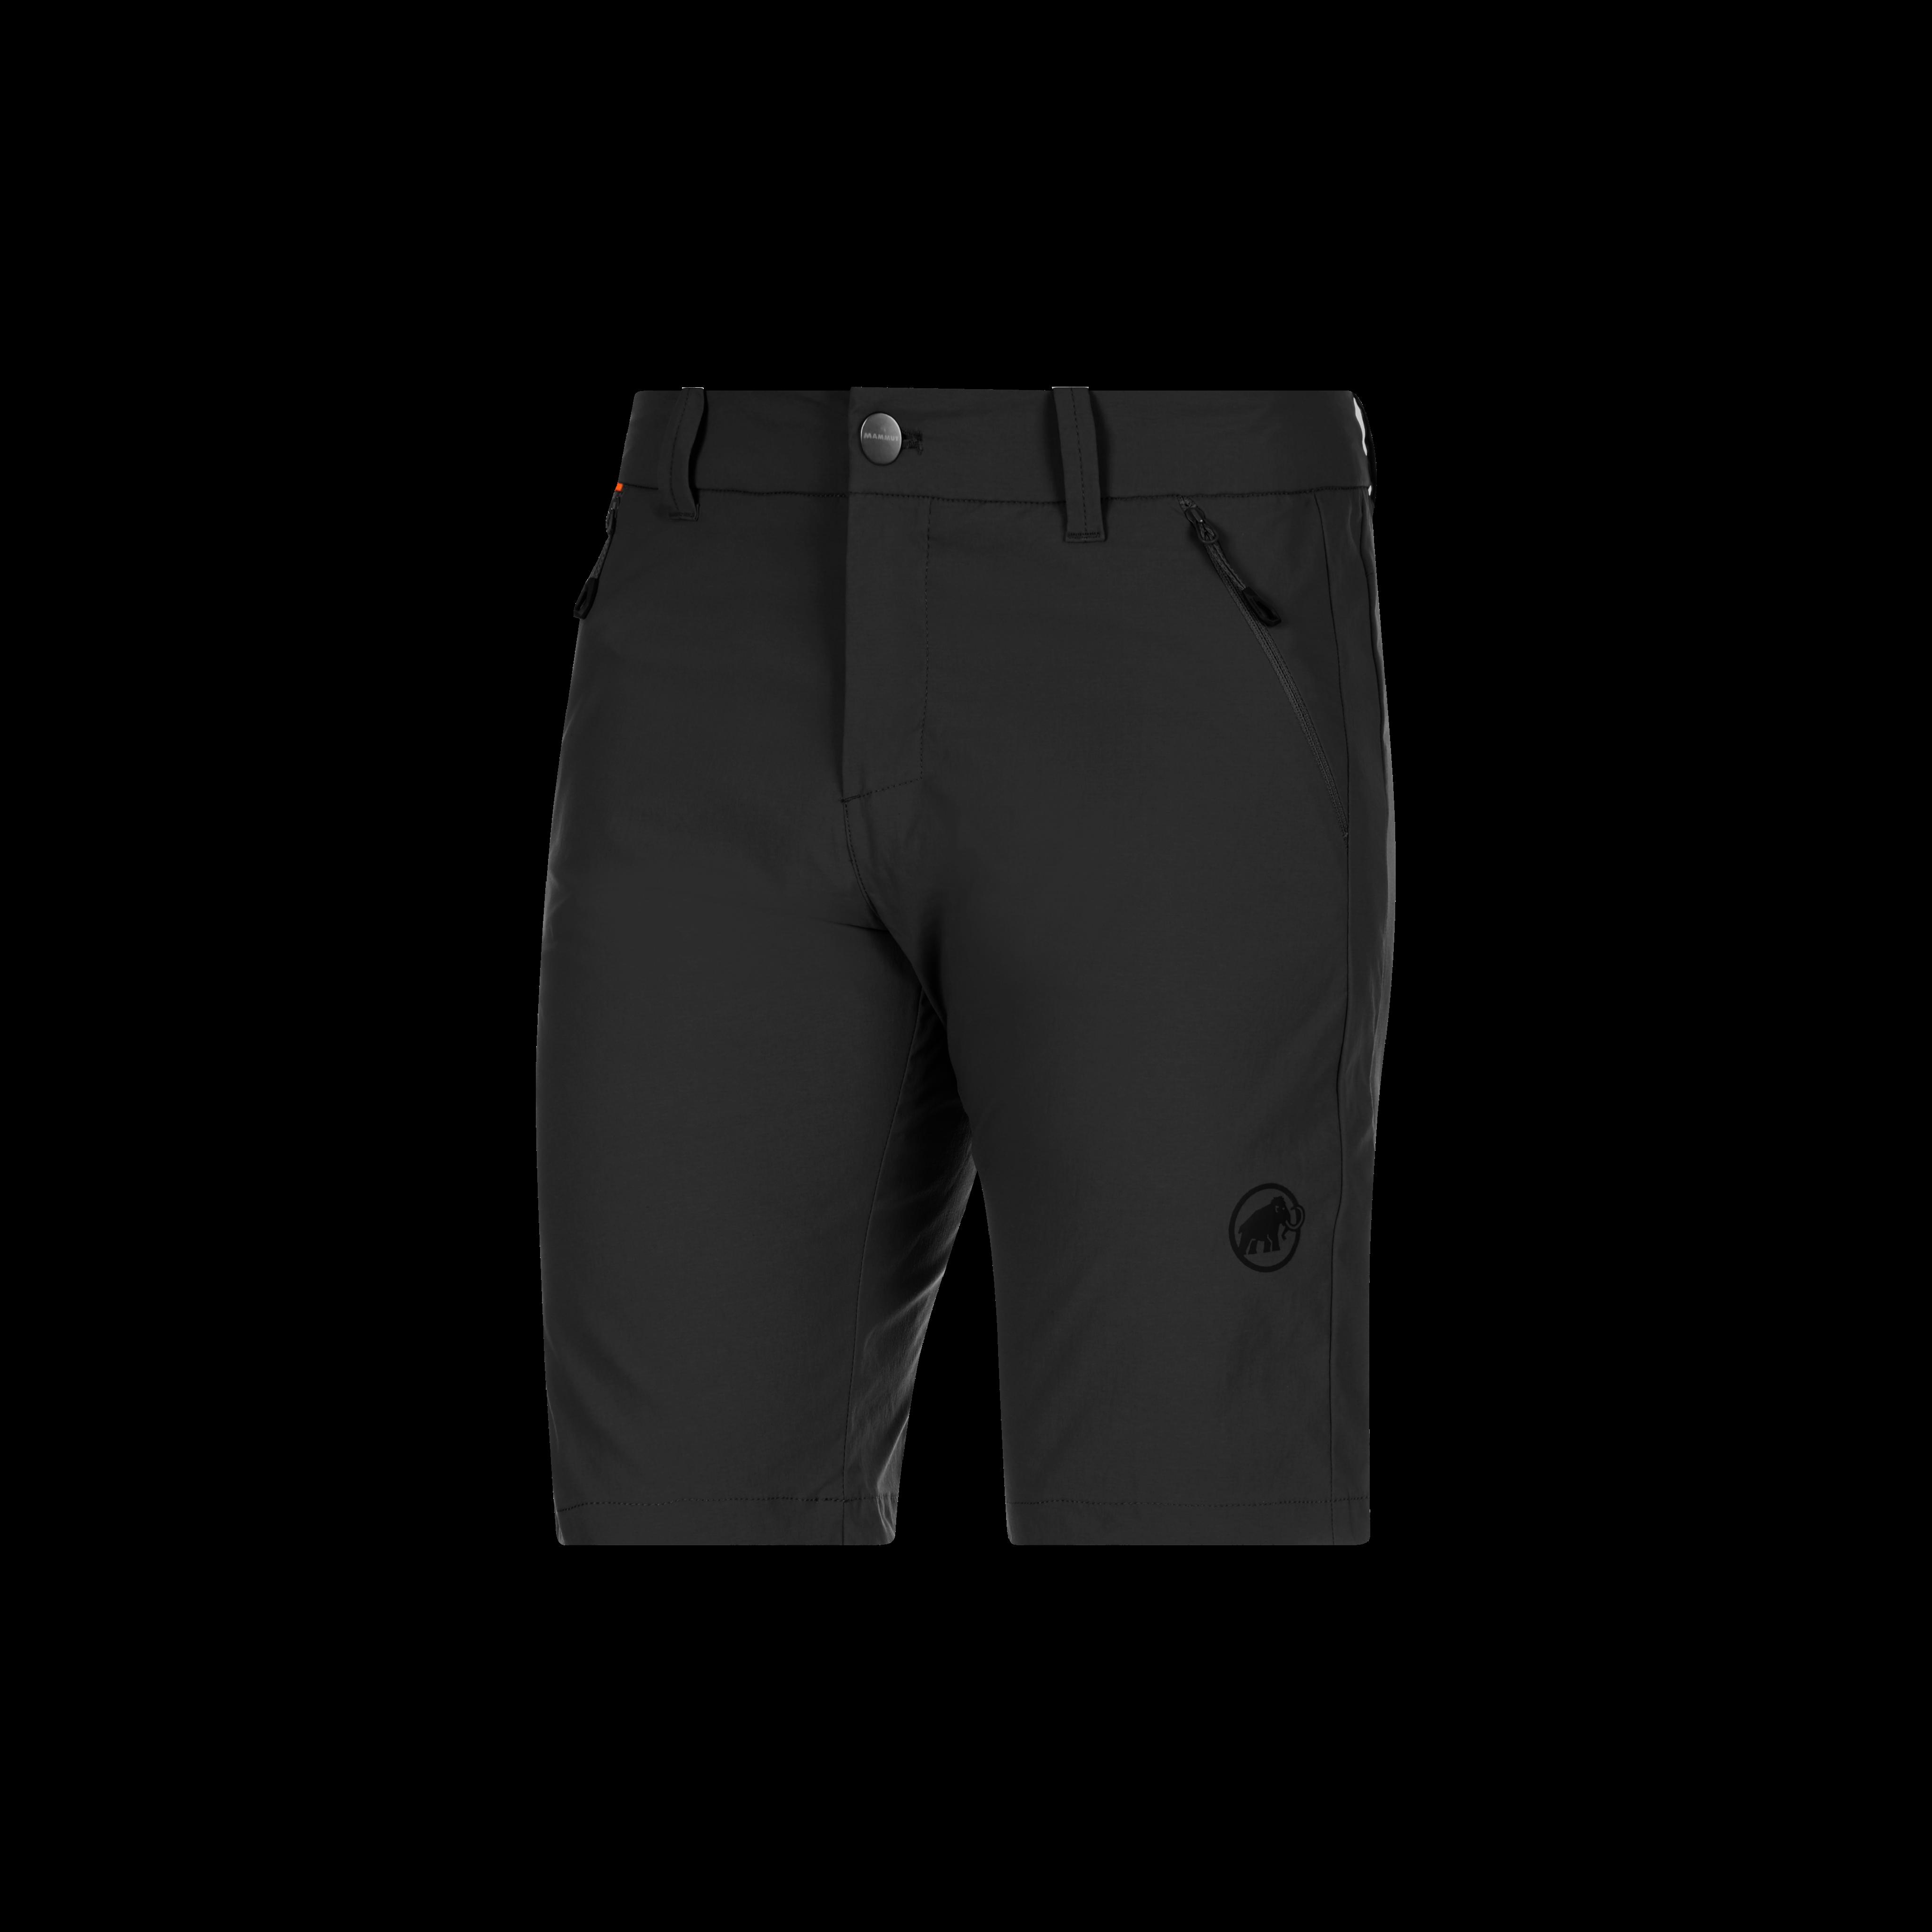 Hiking Shorts Men - black, UK 36 thumbnail